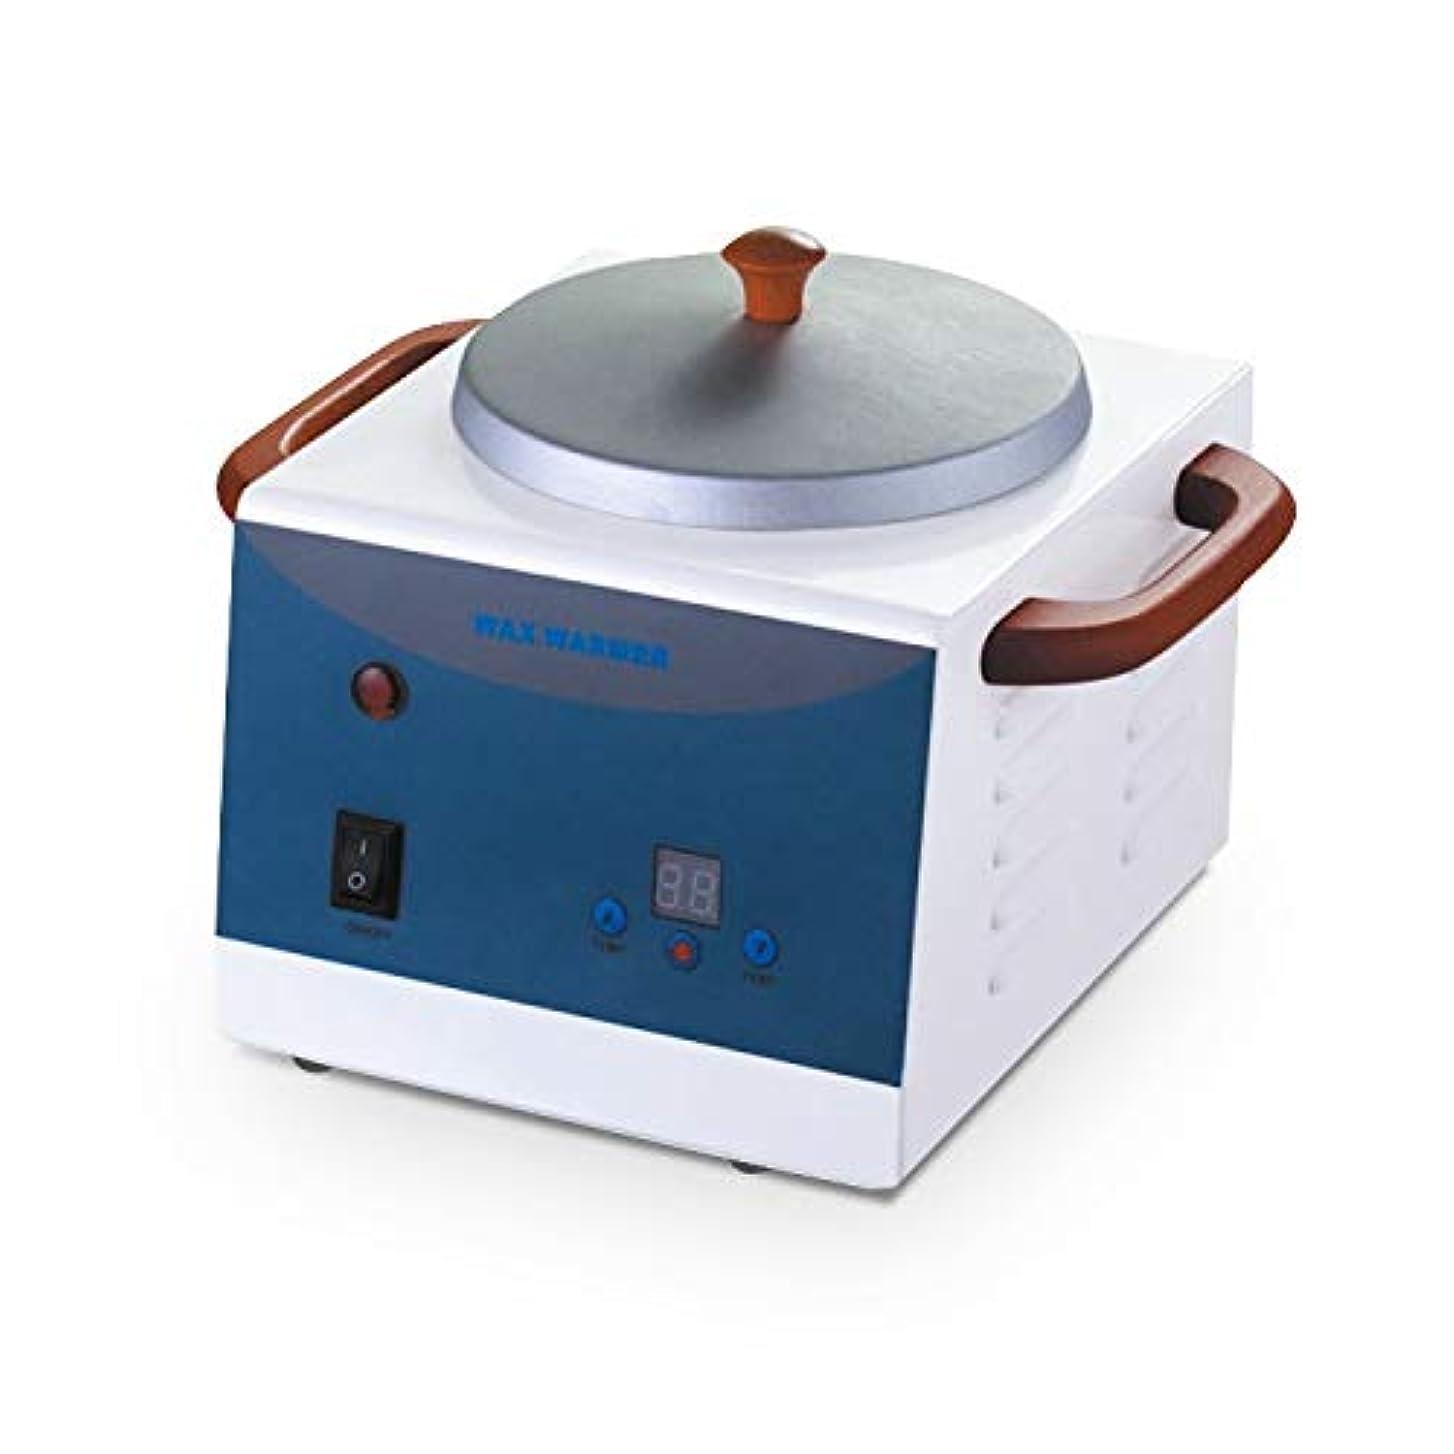 講堂交響曲限定500ML美容ワックスヒーターポット、ワックスウォーマー、プロフェッショナルサロンスパツールメルティングポット、調節可能な温度